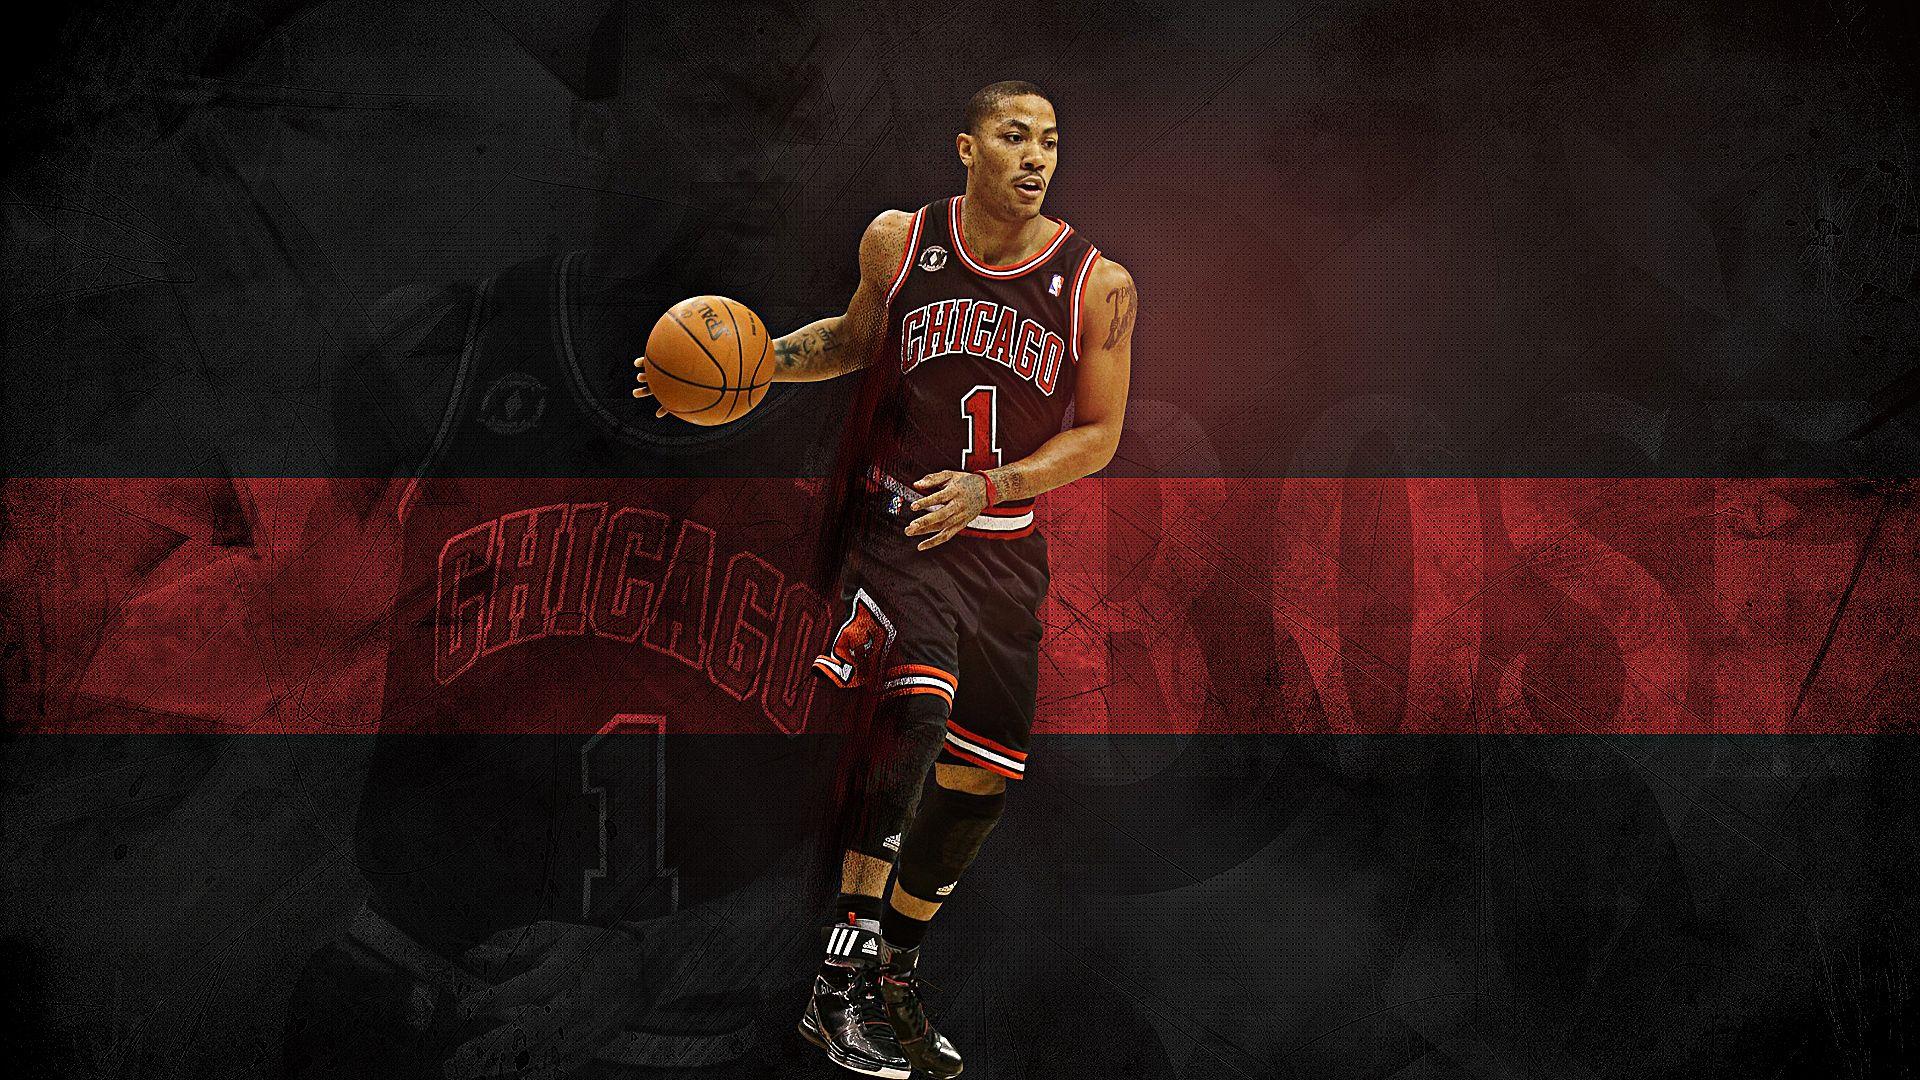 Kentucky Basketball background wallpaper